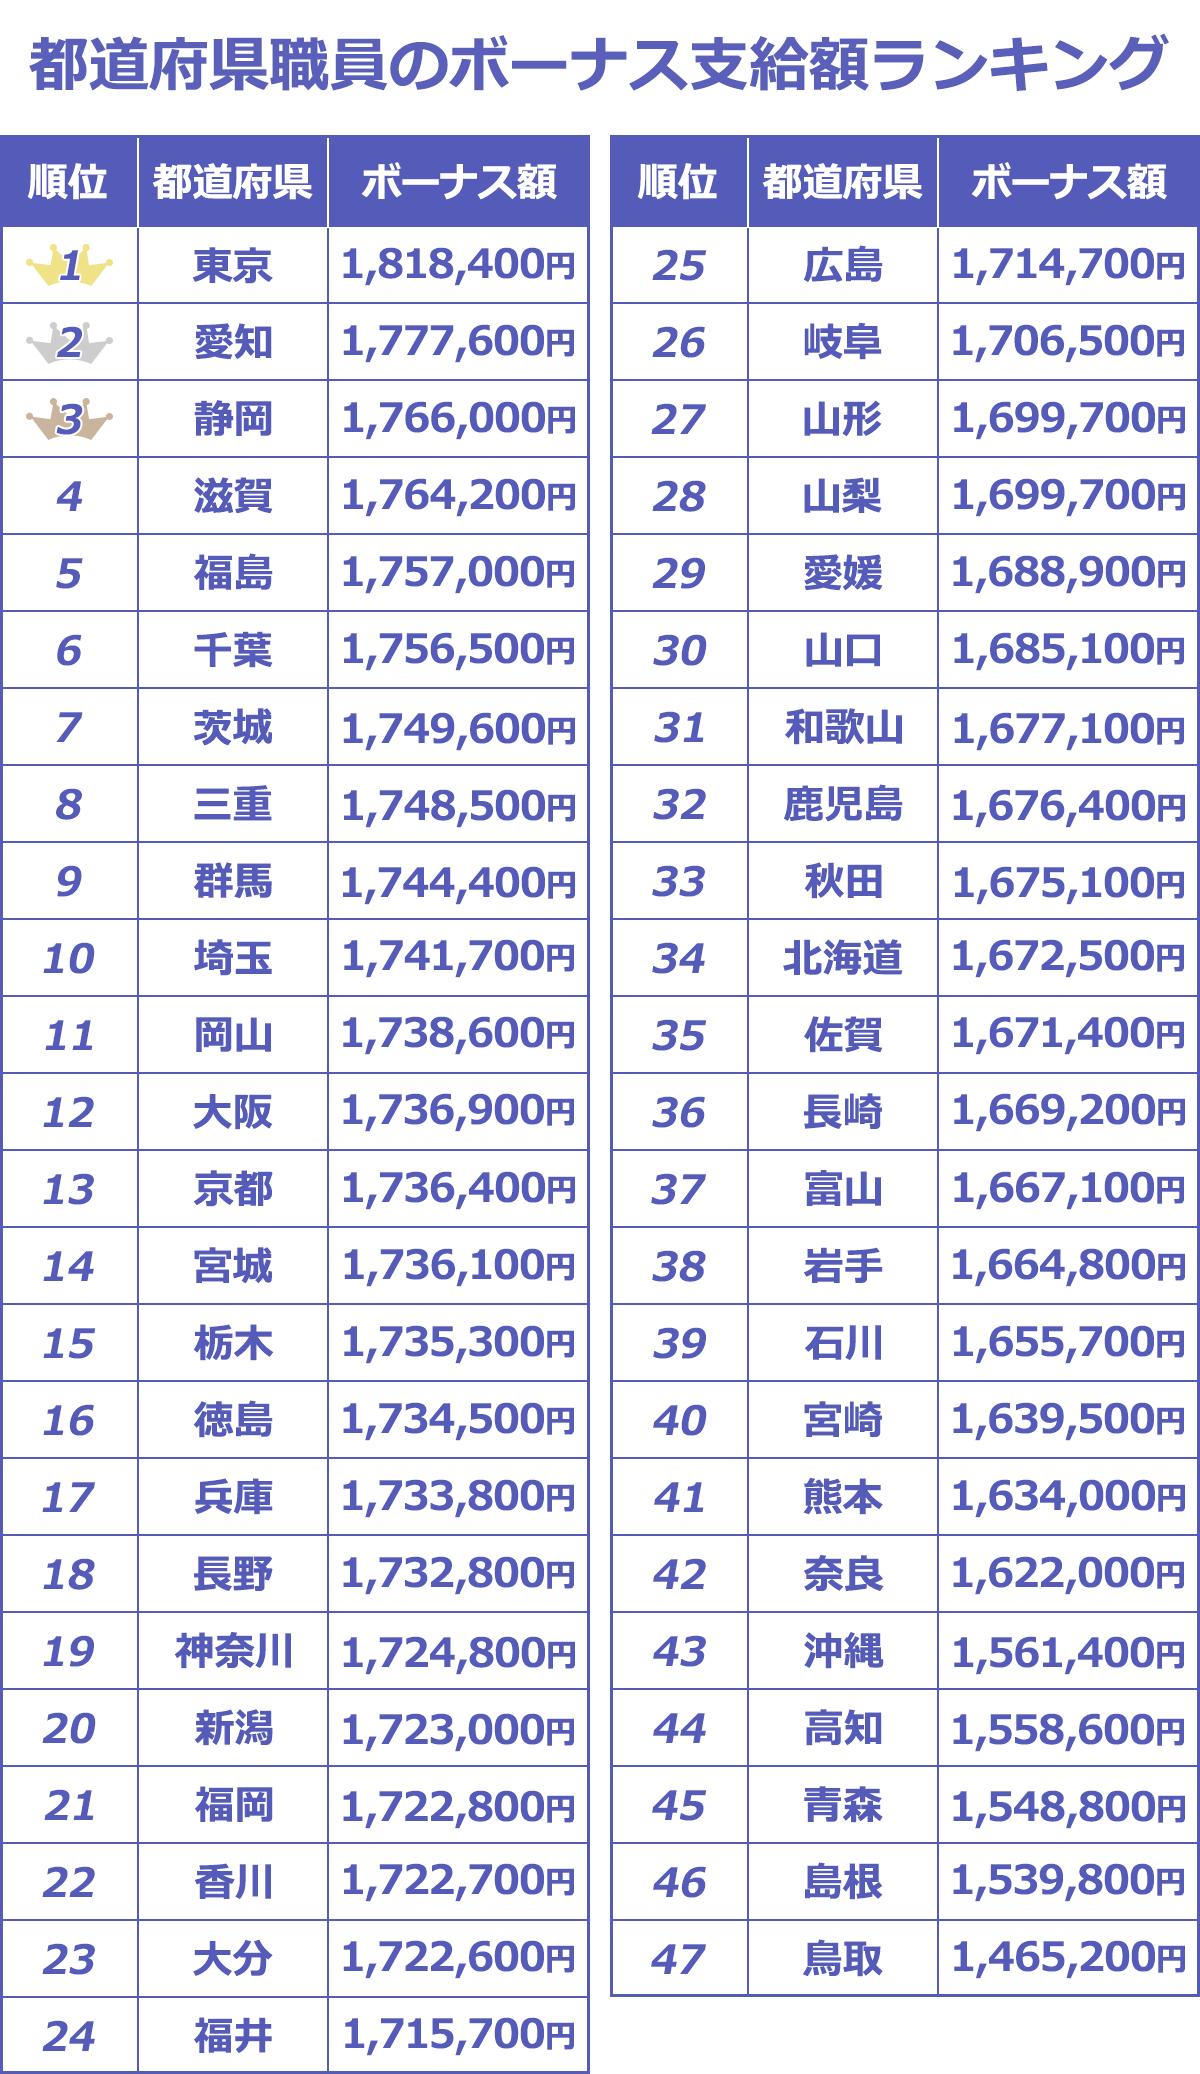 都道府県職員のボーナス支給額(年間)をランキング。1位東京181.8万、2位愛知177.7万、3位静岡176.6万